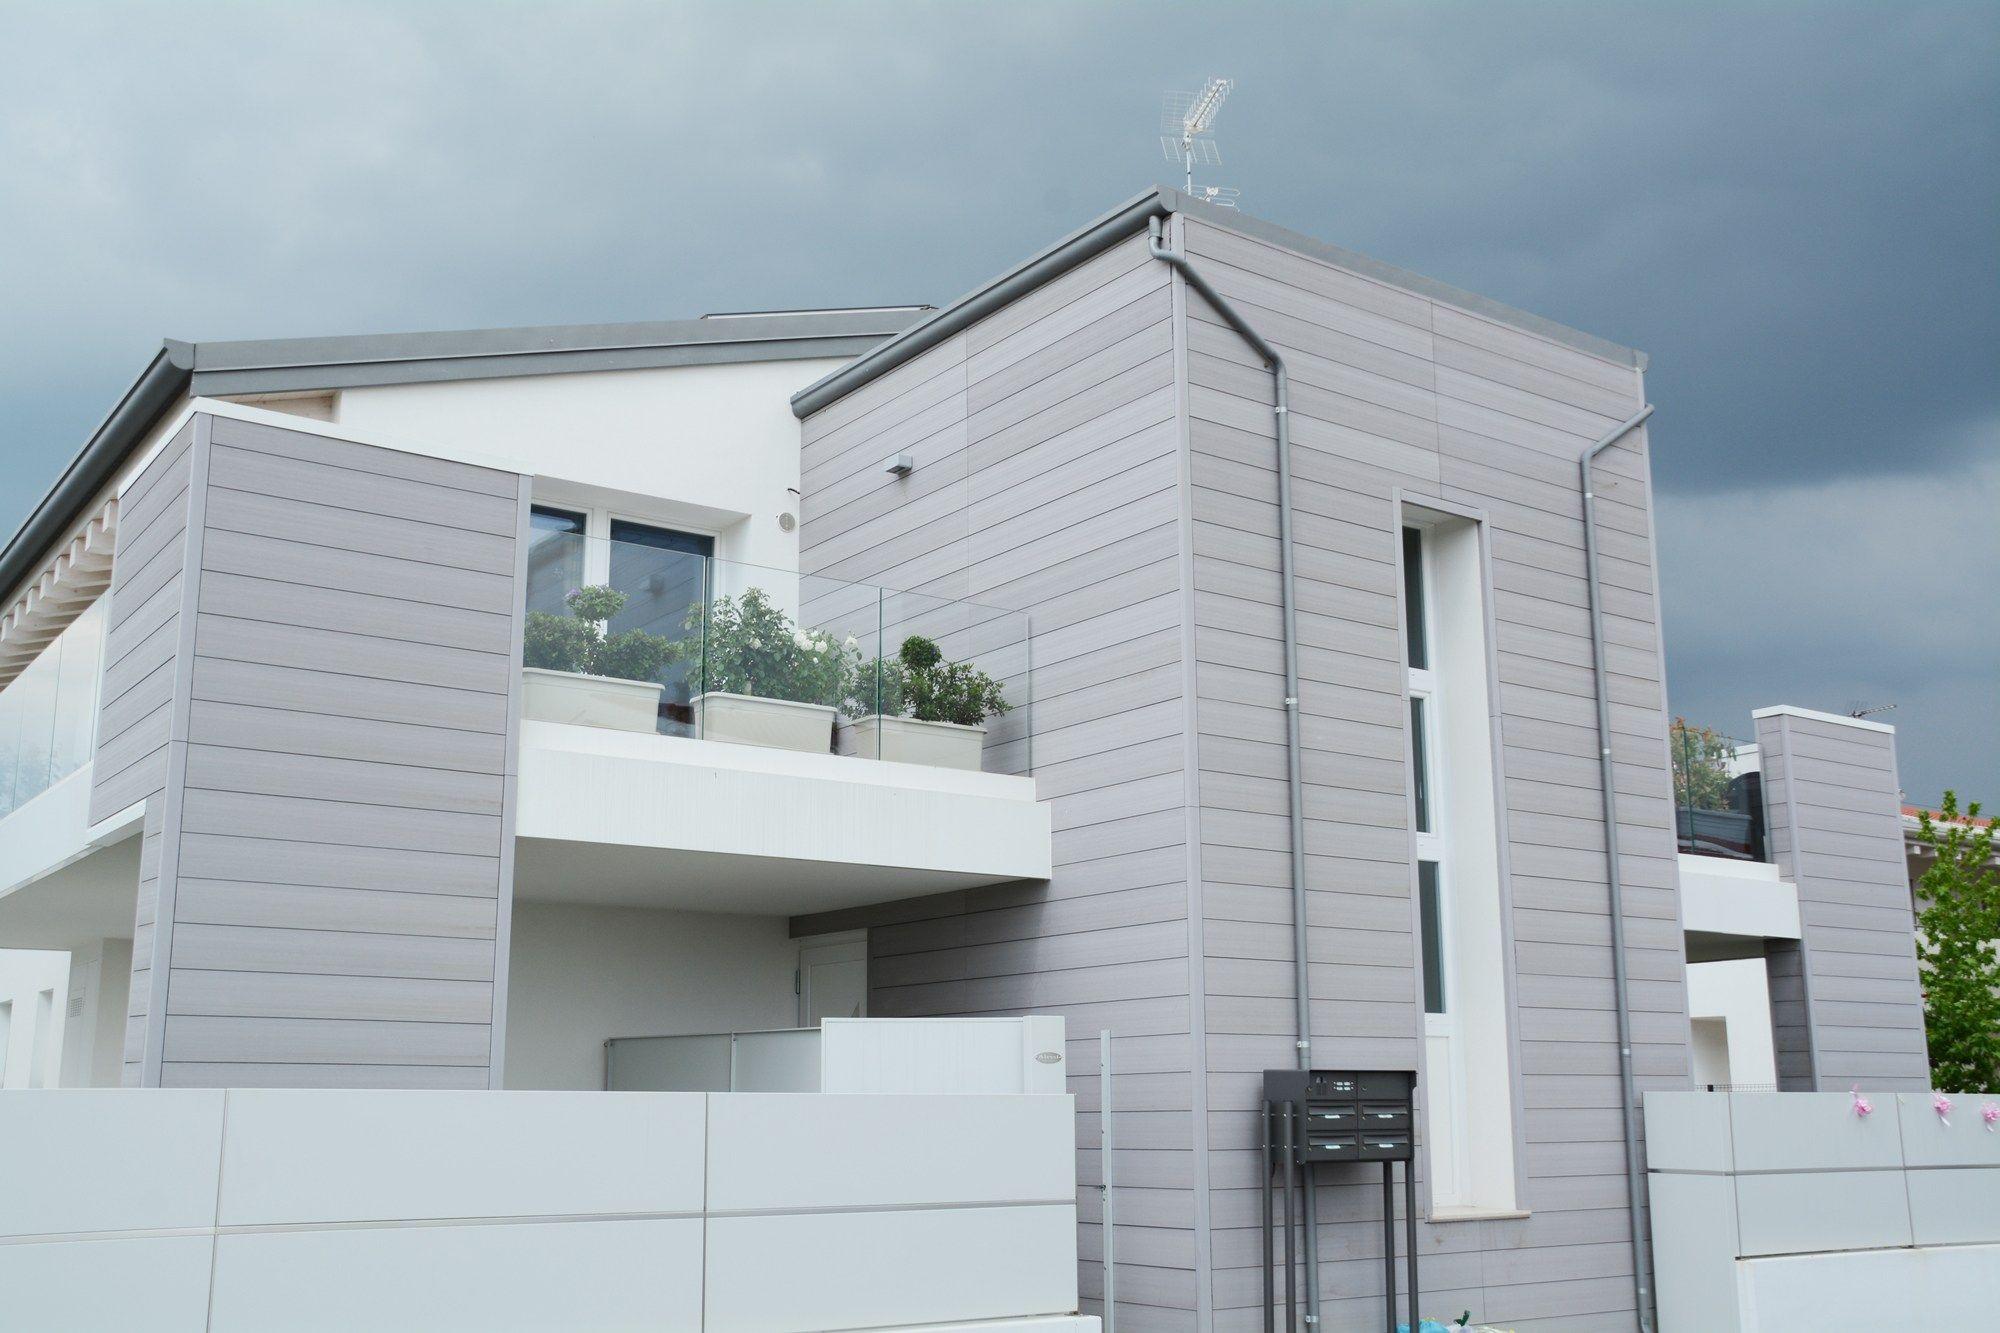 Pannello di facciata in materiale composito modulatus - Colori per facciate esterne ...